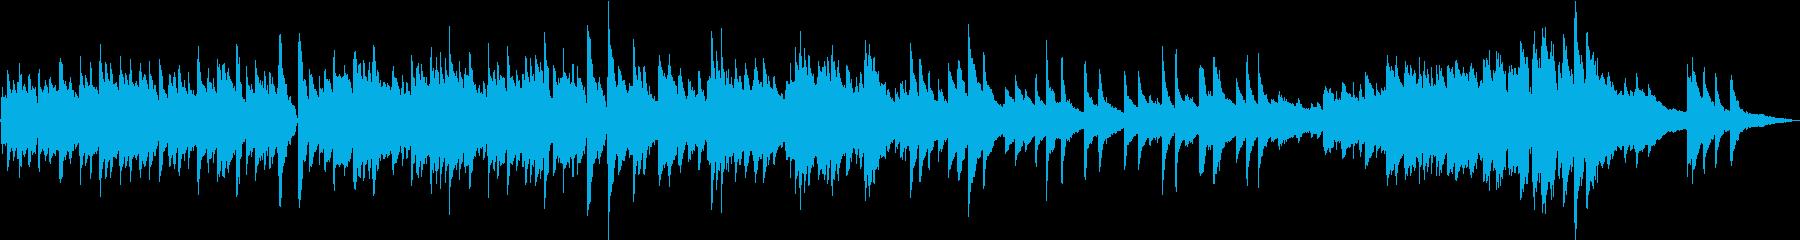 生演奏 厳格な雰囲気のピアノ曲の再生済みの波形